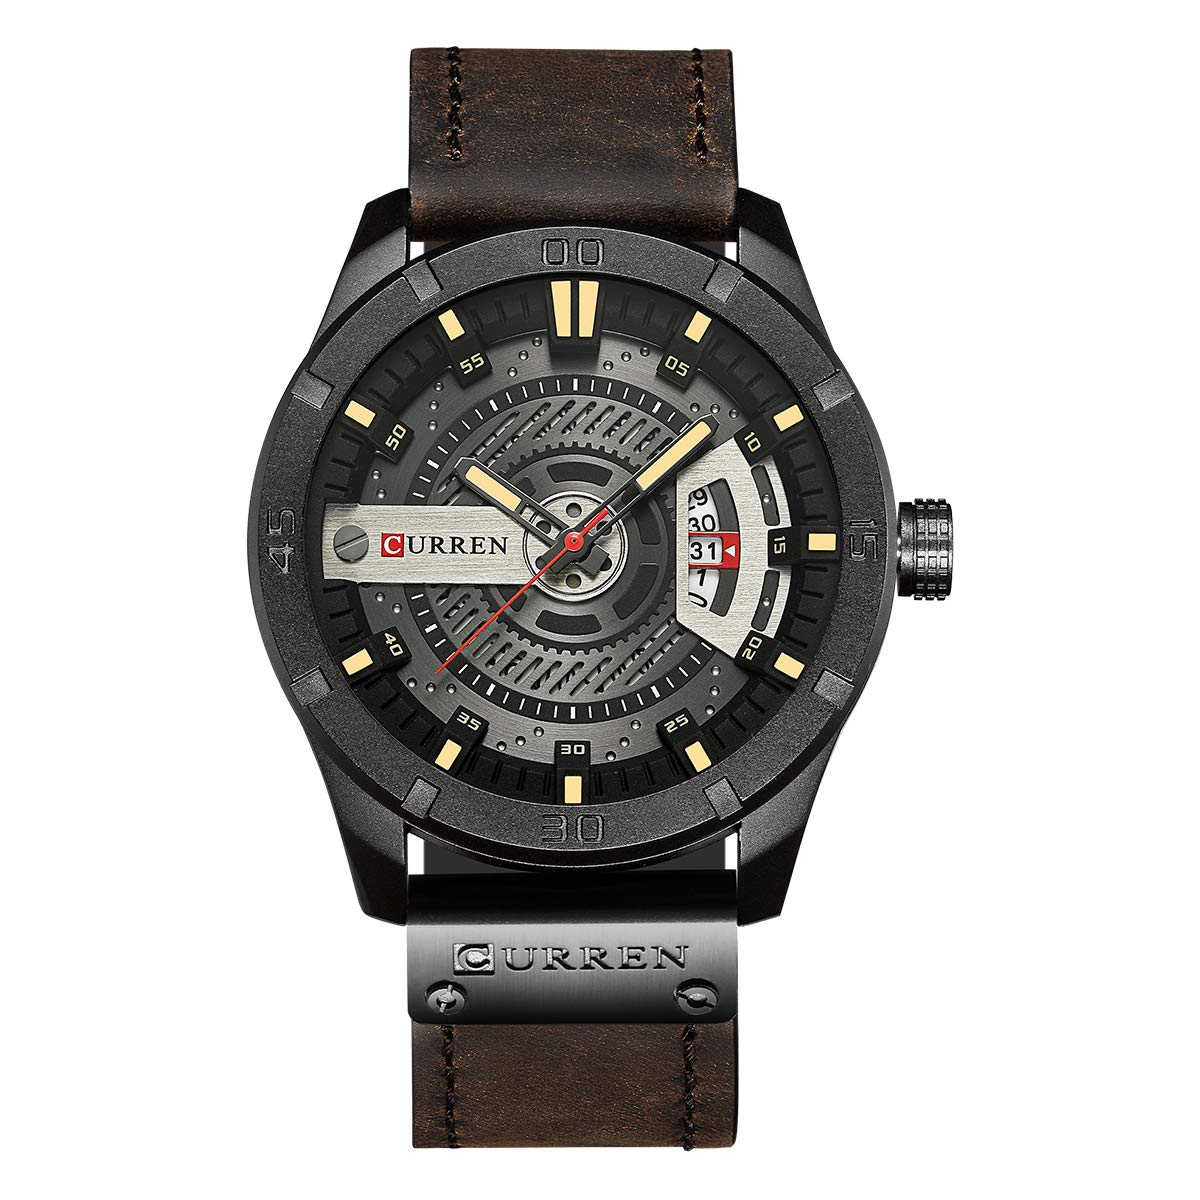 Curren Hombres Reloj de Cuarzo analógico, Reloj de Pulsera de Estilo Militar multifunción, Resistente al Agua, con Correa de Cuero y Pantalla de Fecha 8301